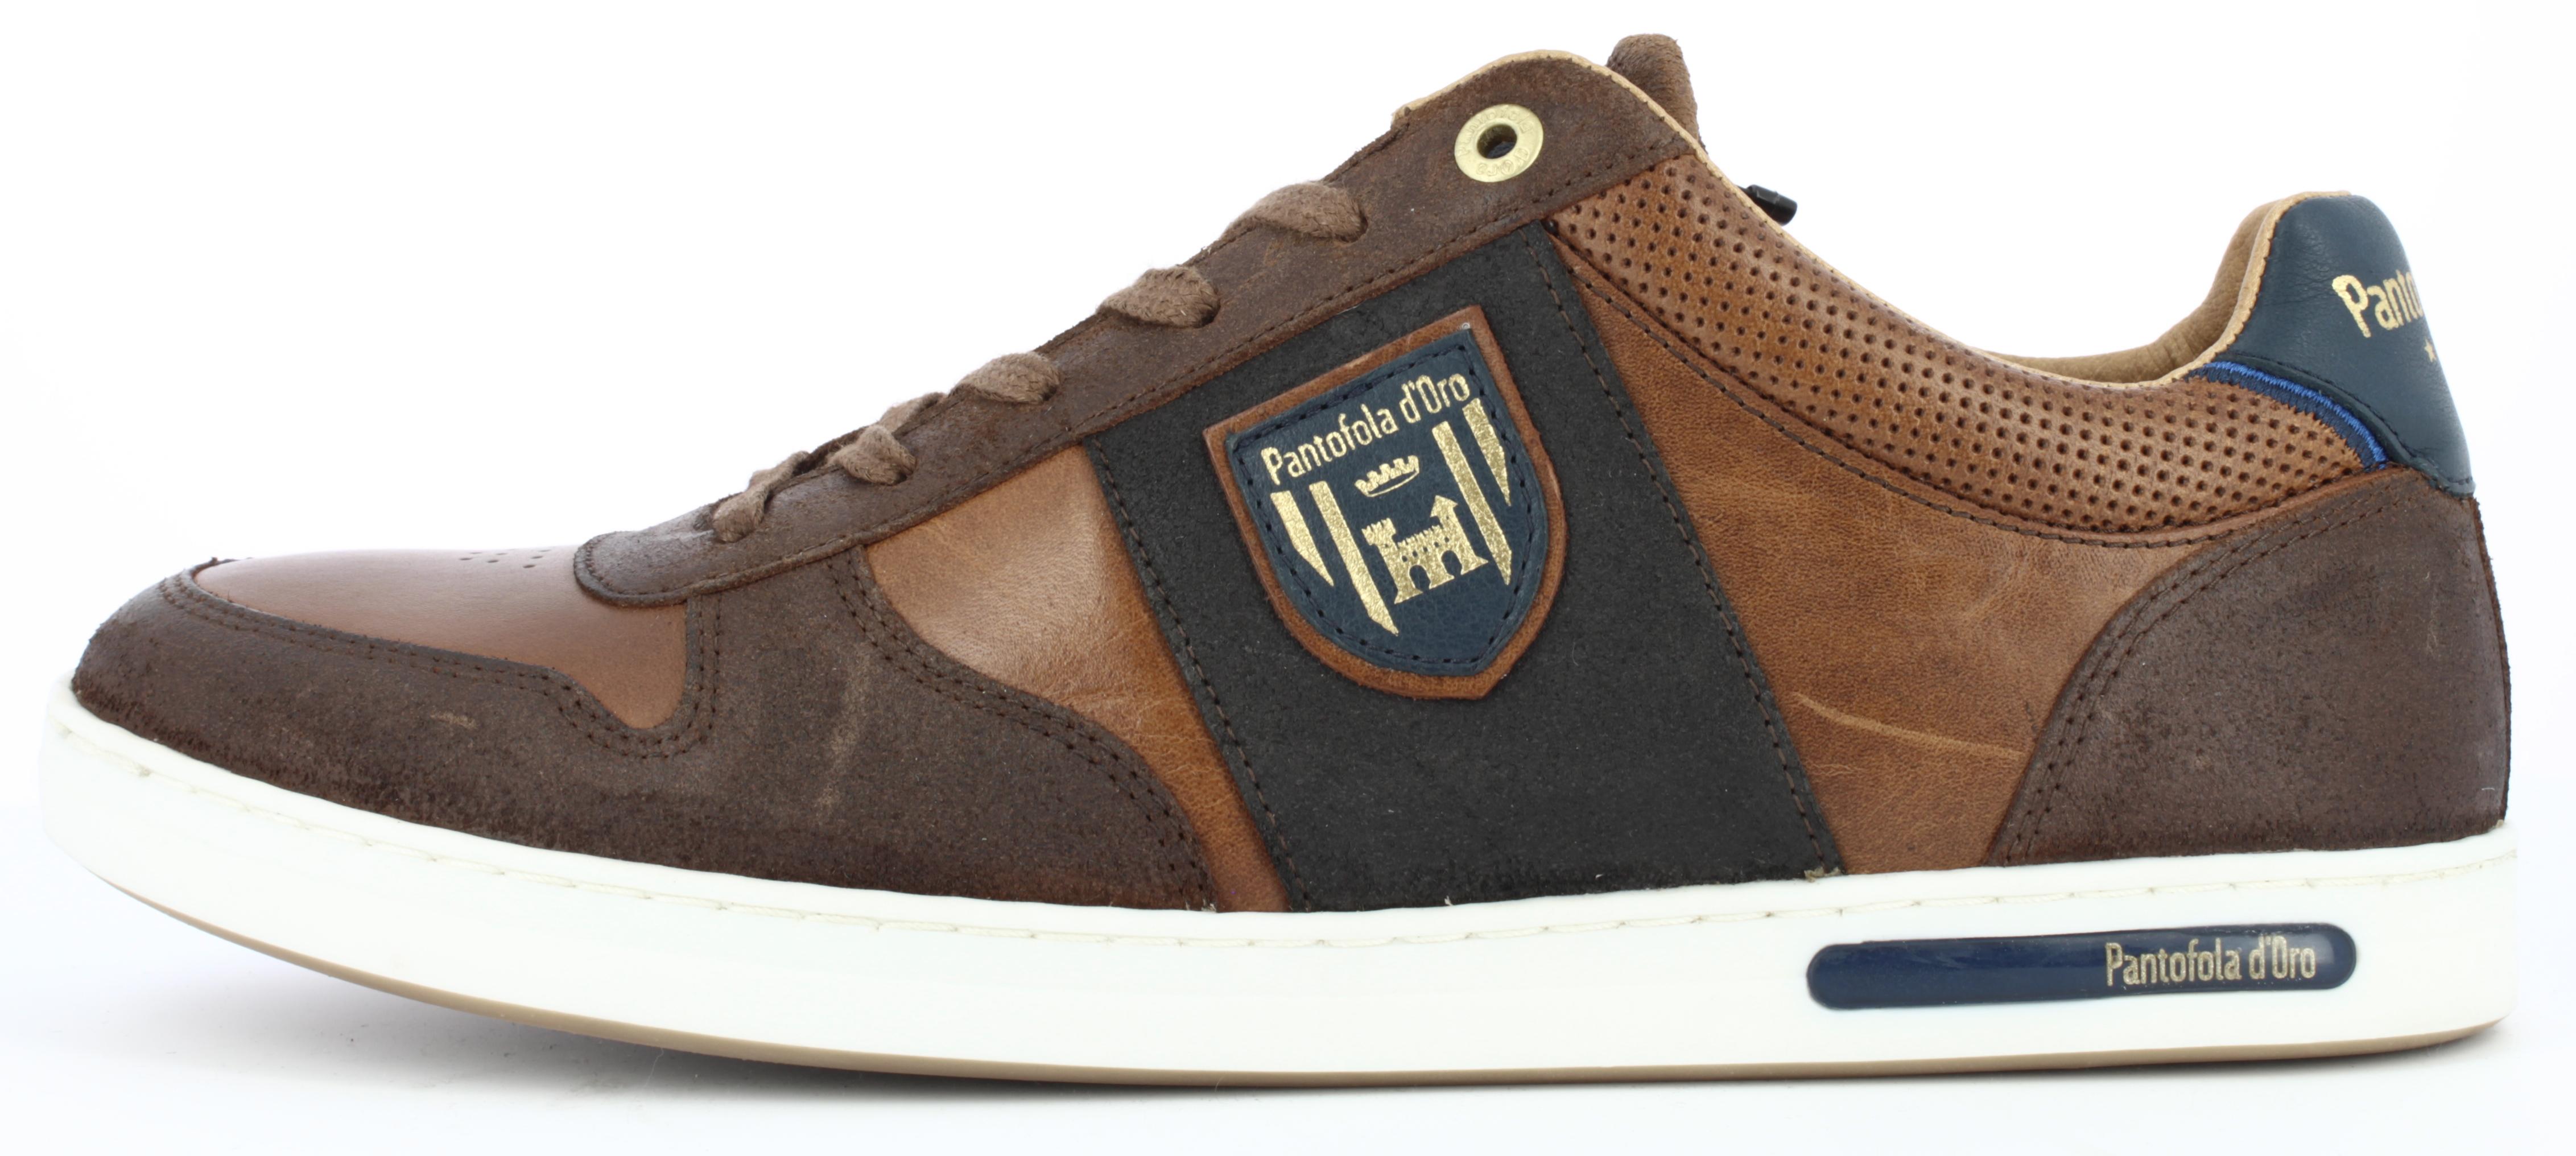 Pantofola Milito Low sneakers